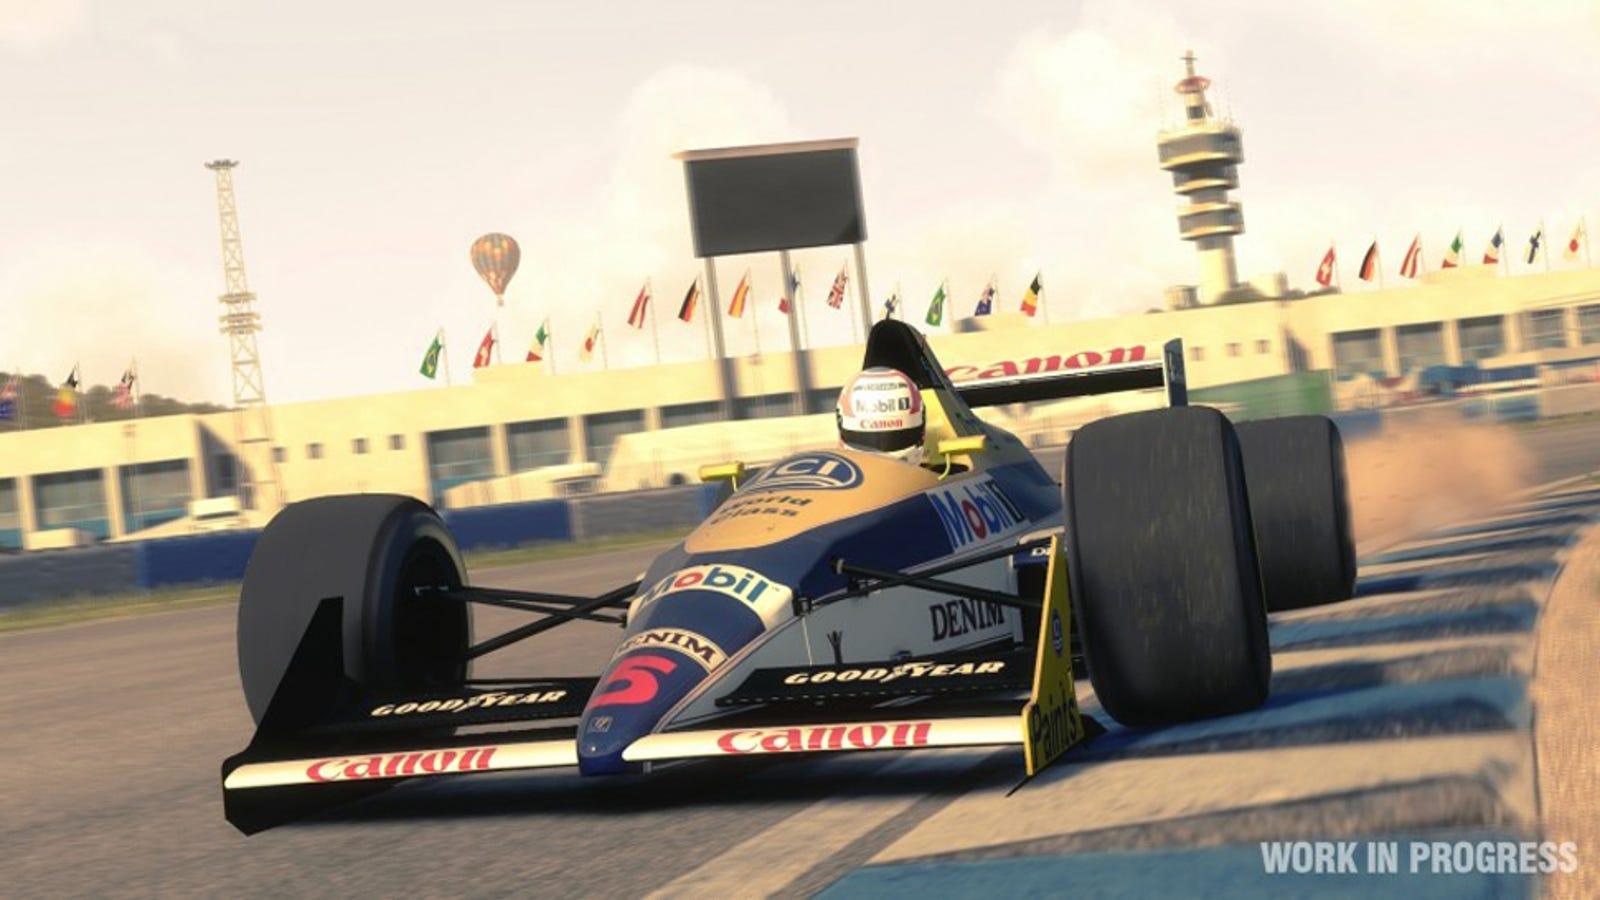 El nuevo F1 2013 te dejará pilotar coches legendarios de los 80 y 90